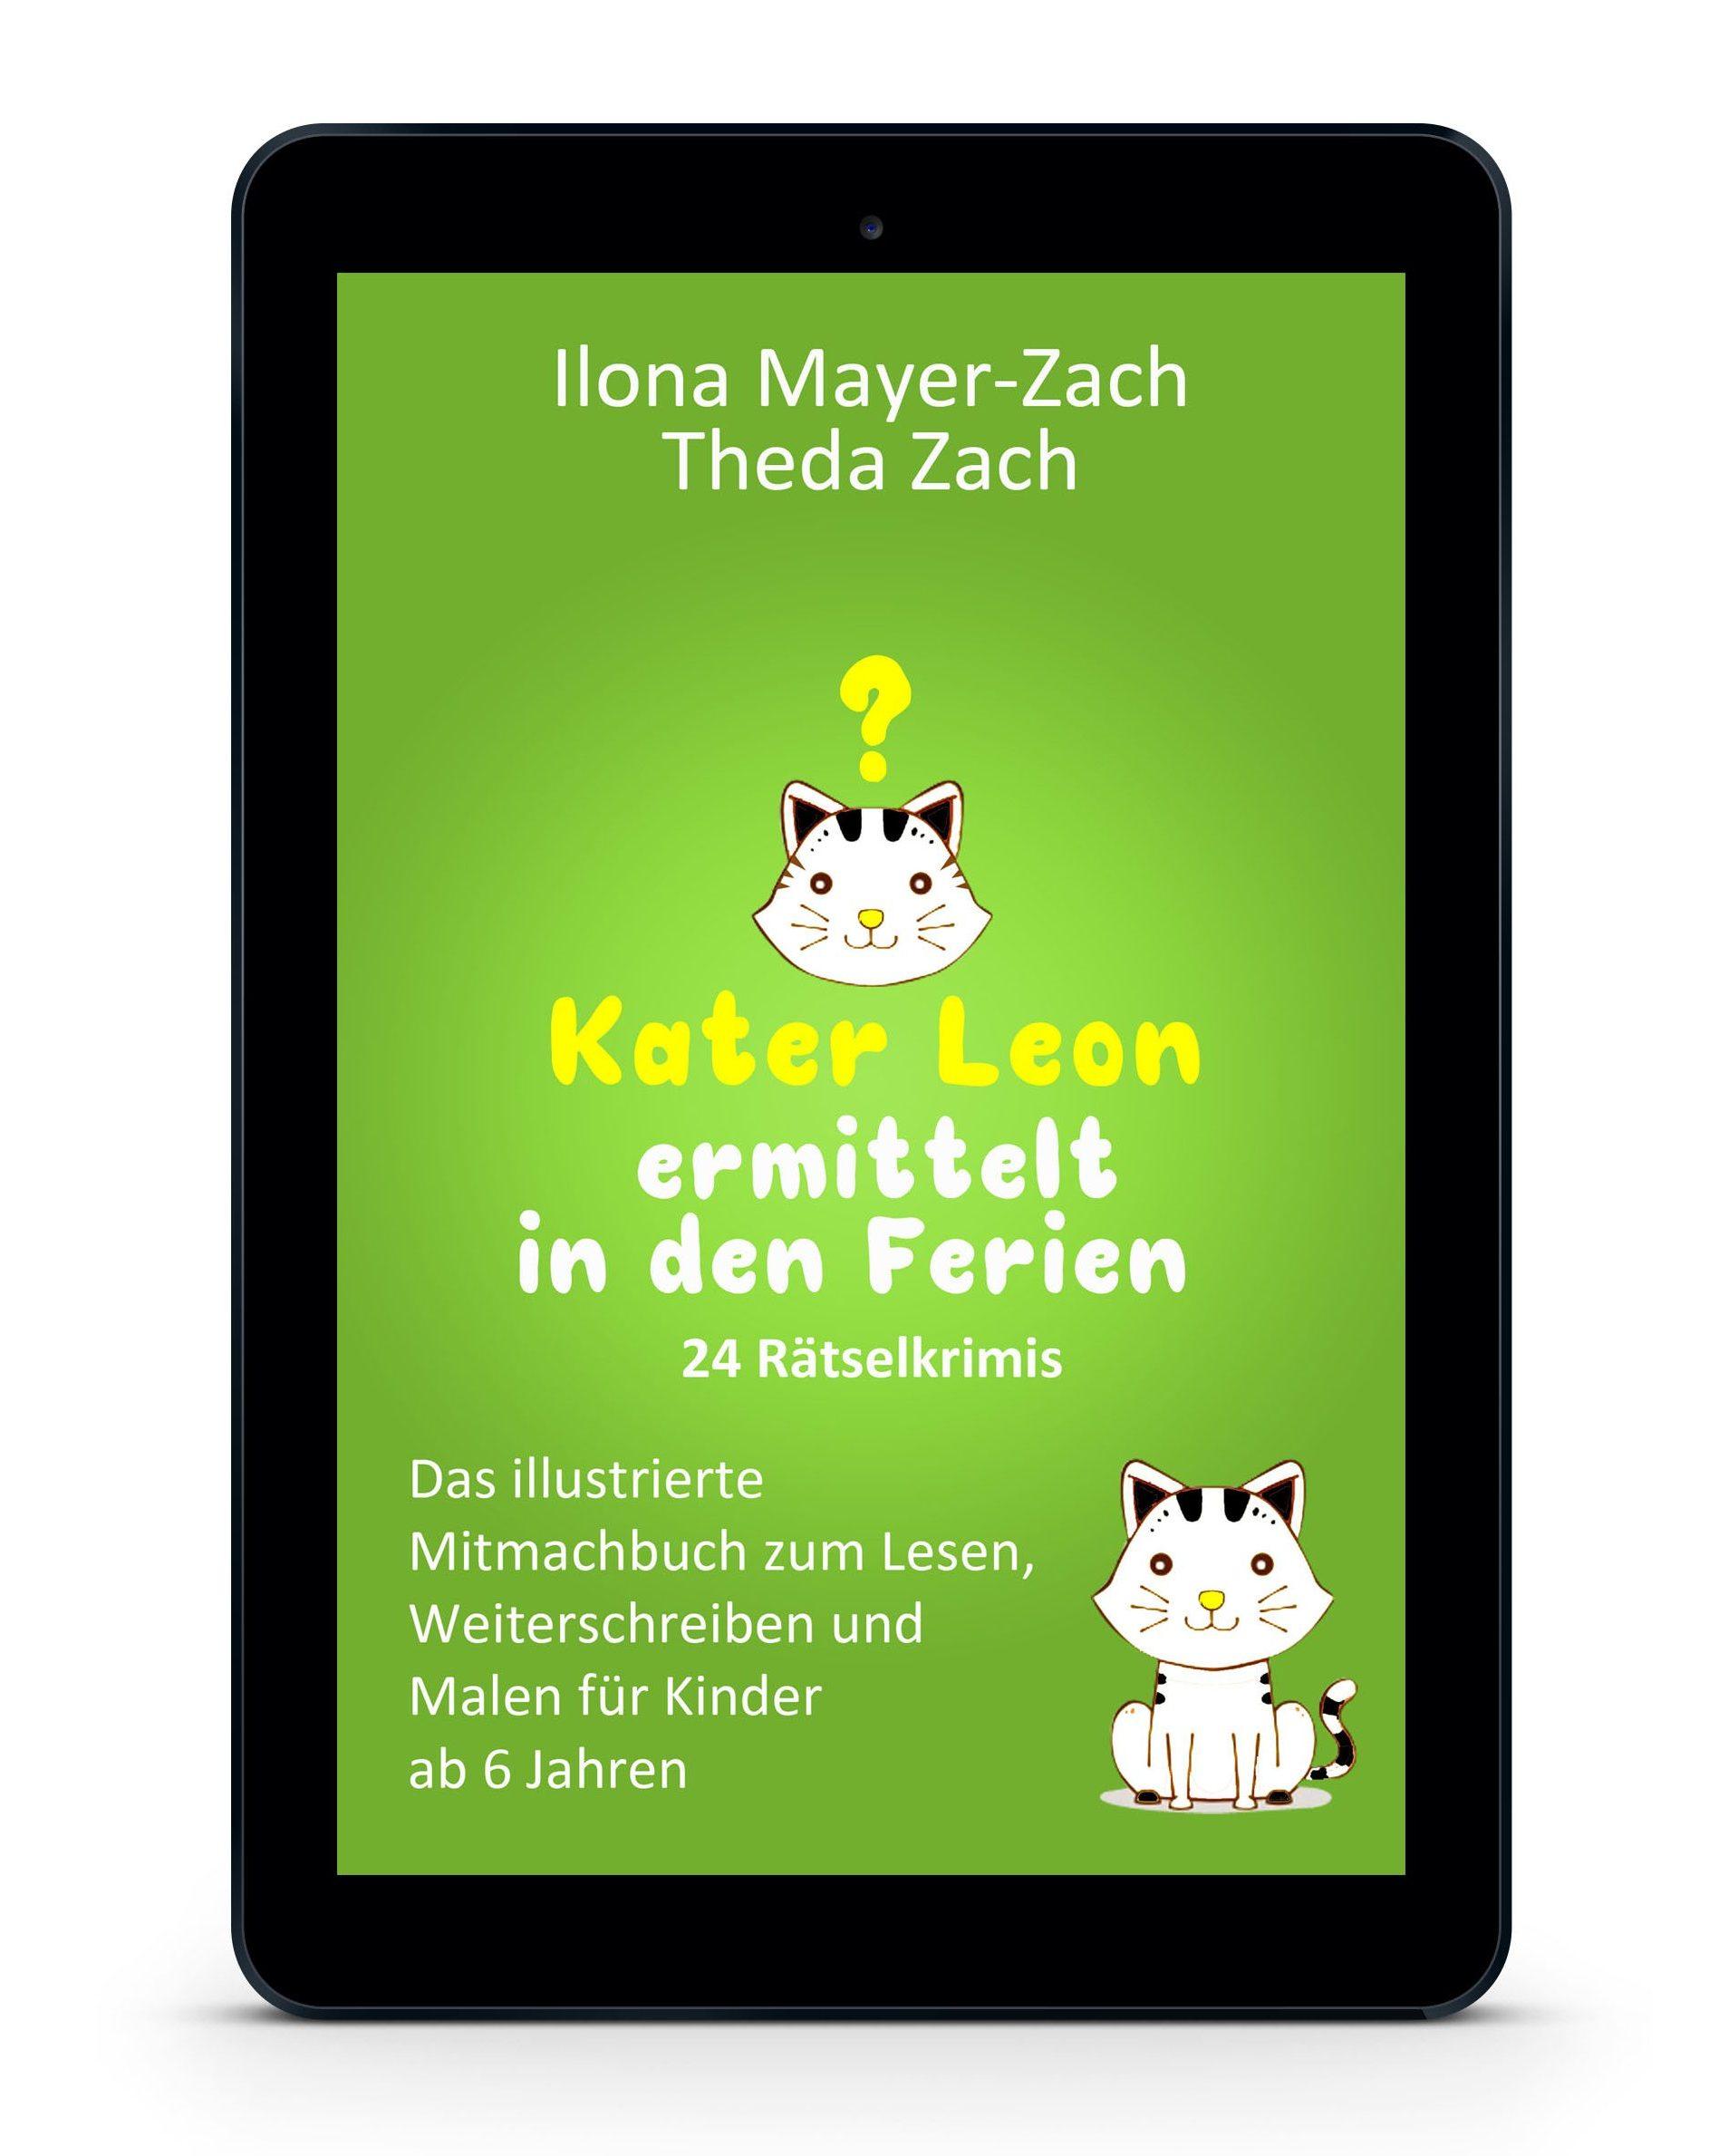 Kater Leon Ferienprogramm - Freizeit kreativ